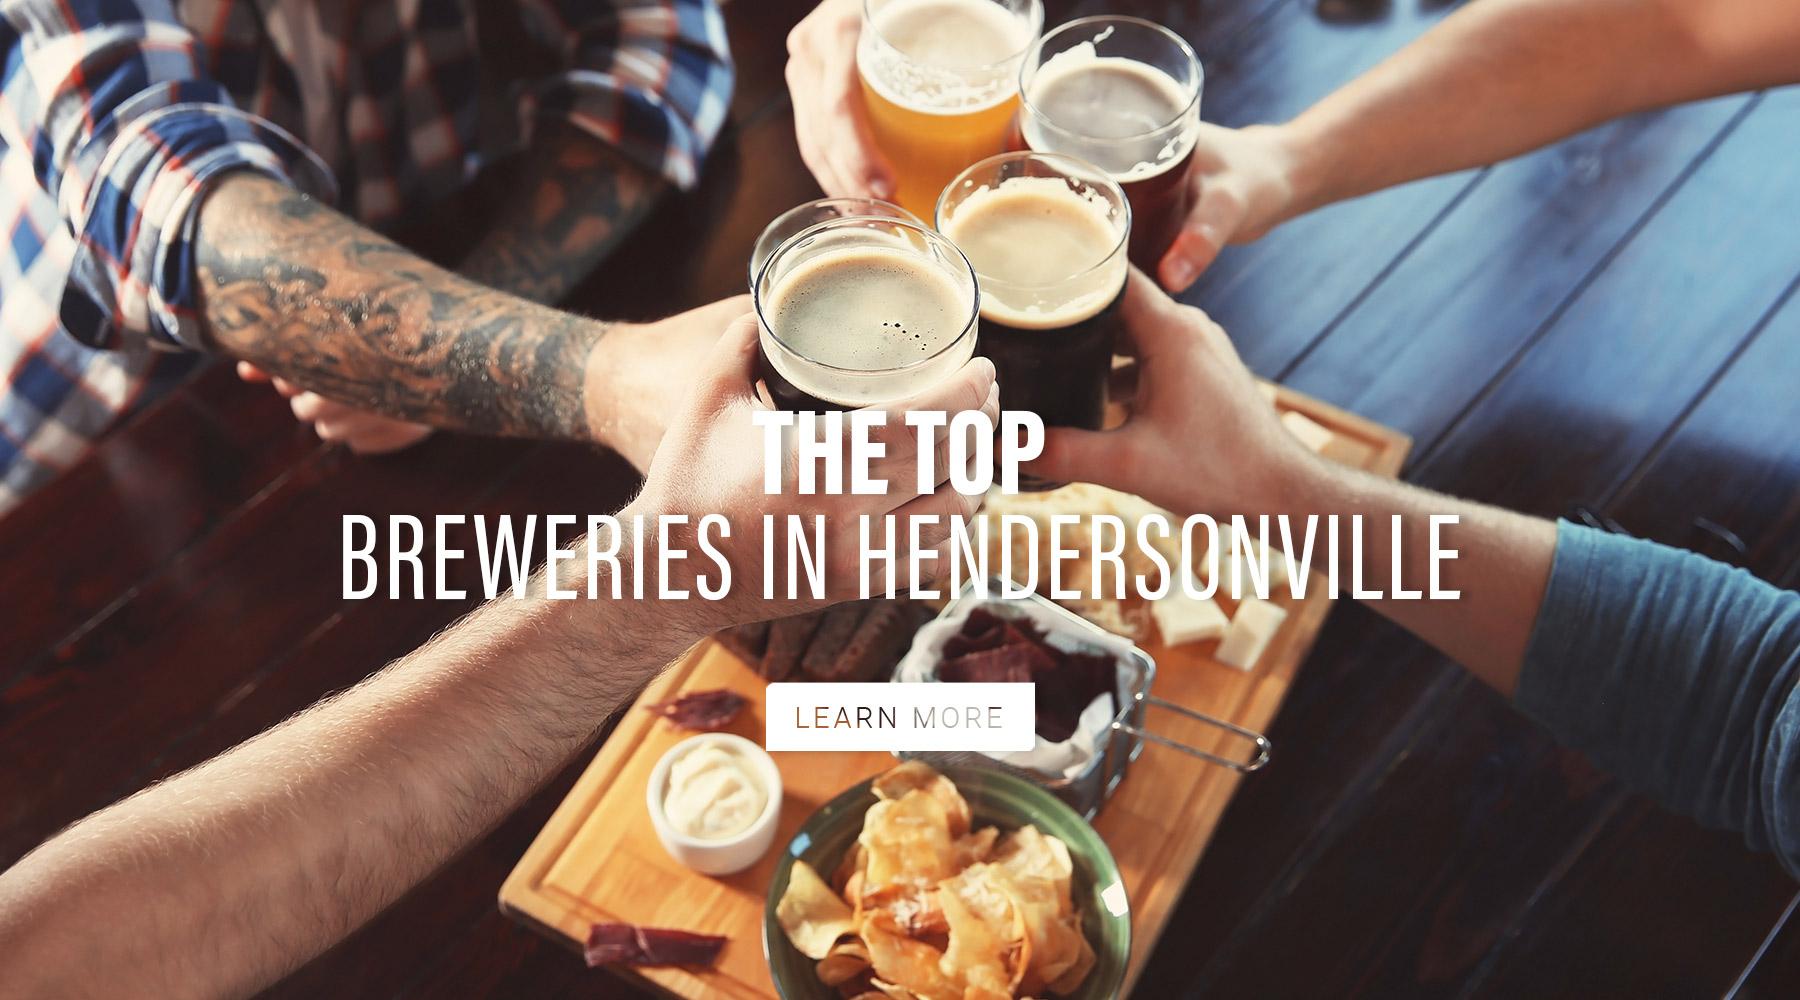 Hendersonville-Top-Breweries